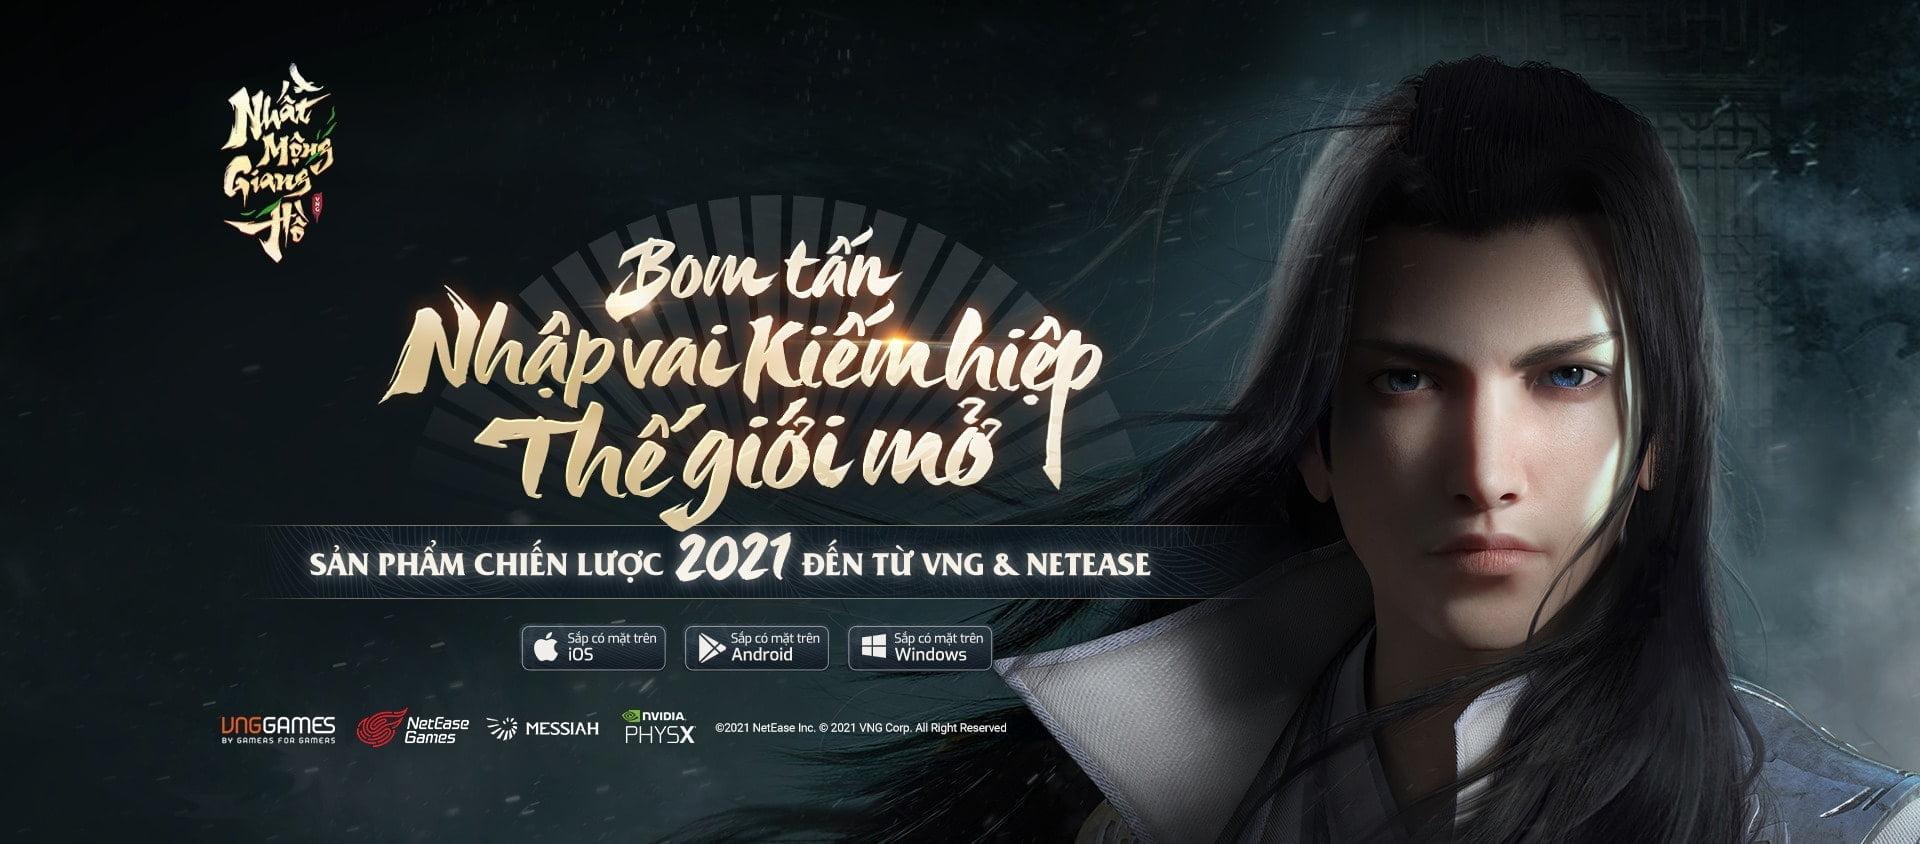 Nhất Mộng Giang Hồ VNG mở cửa thử nghiệm